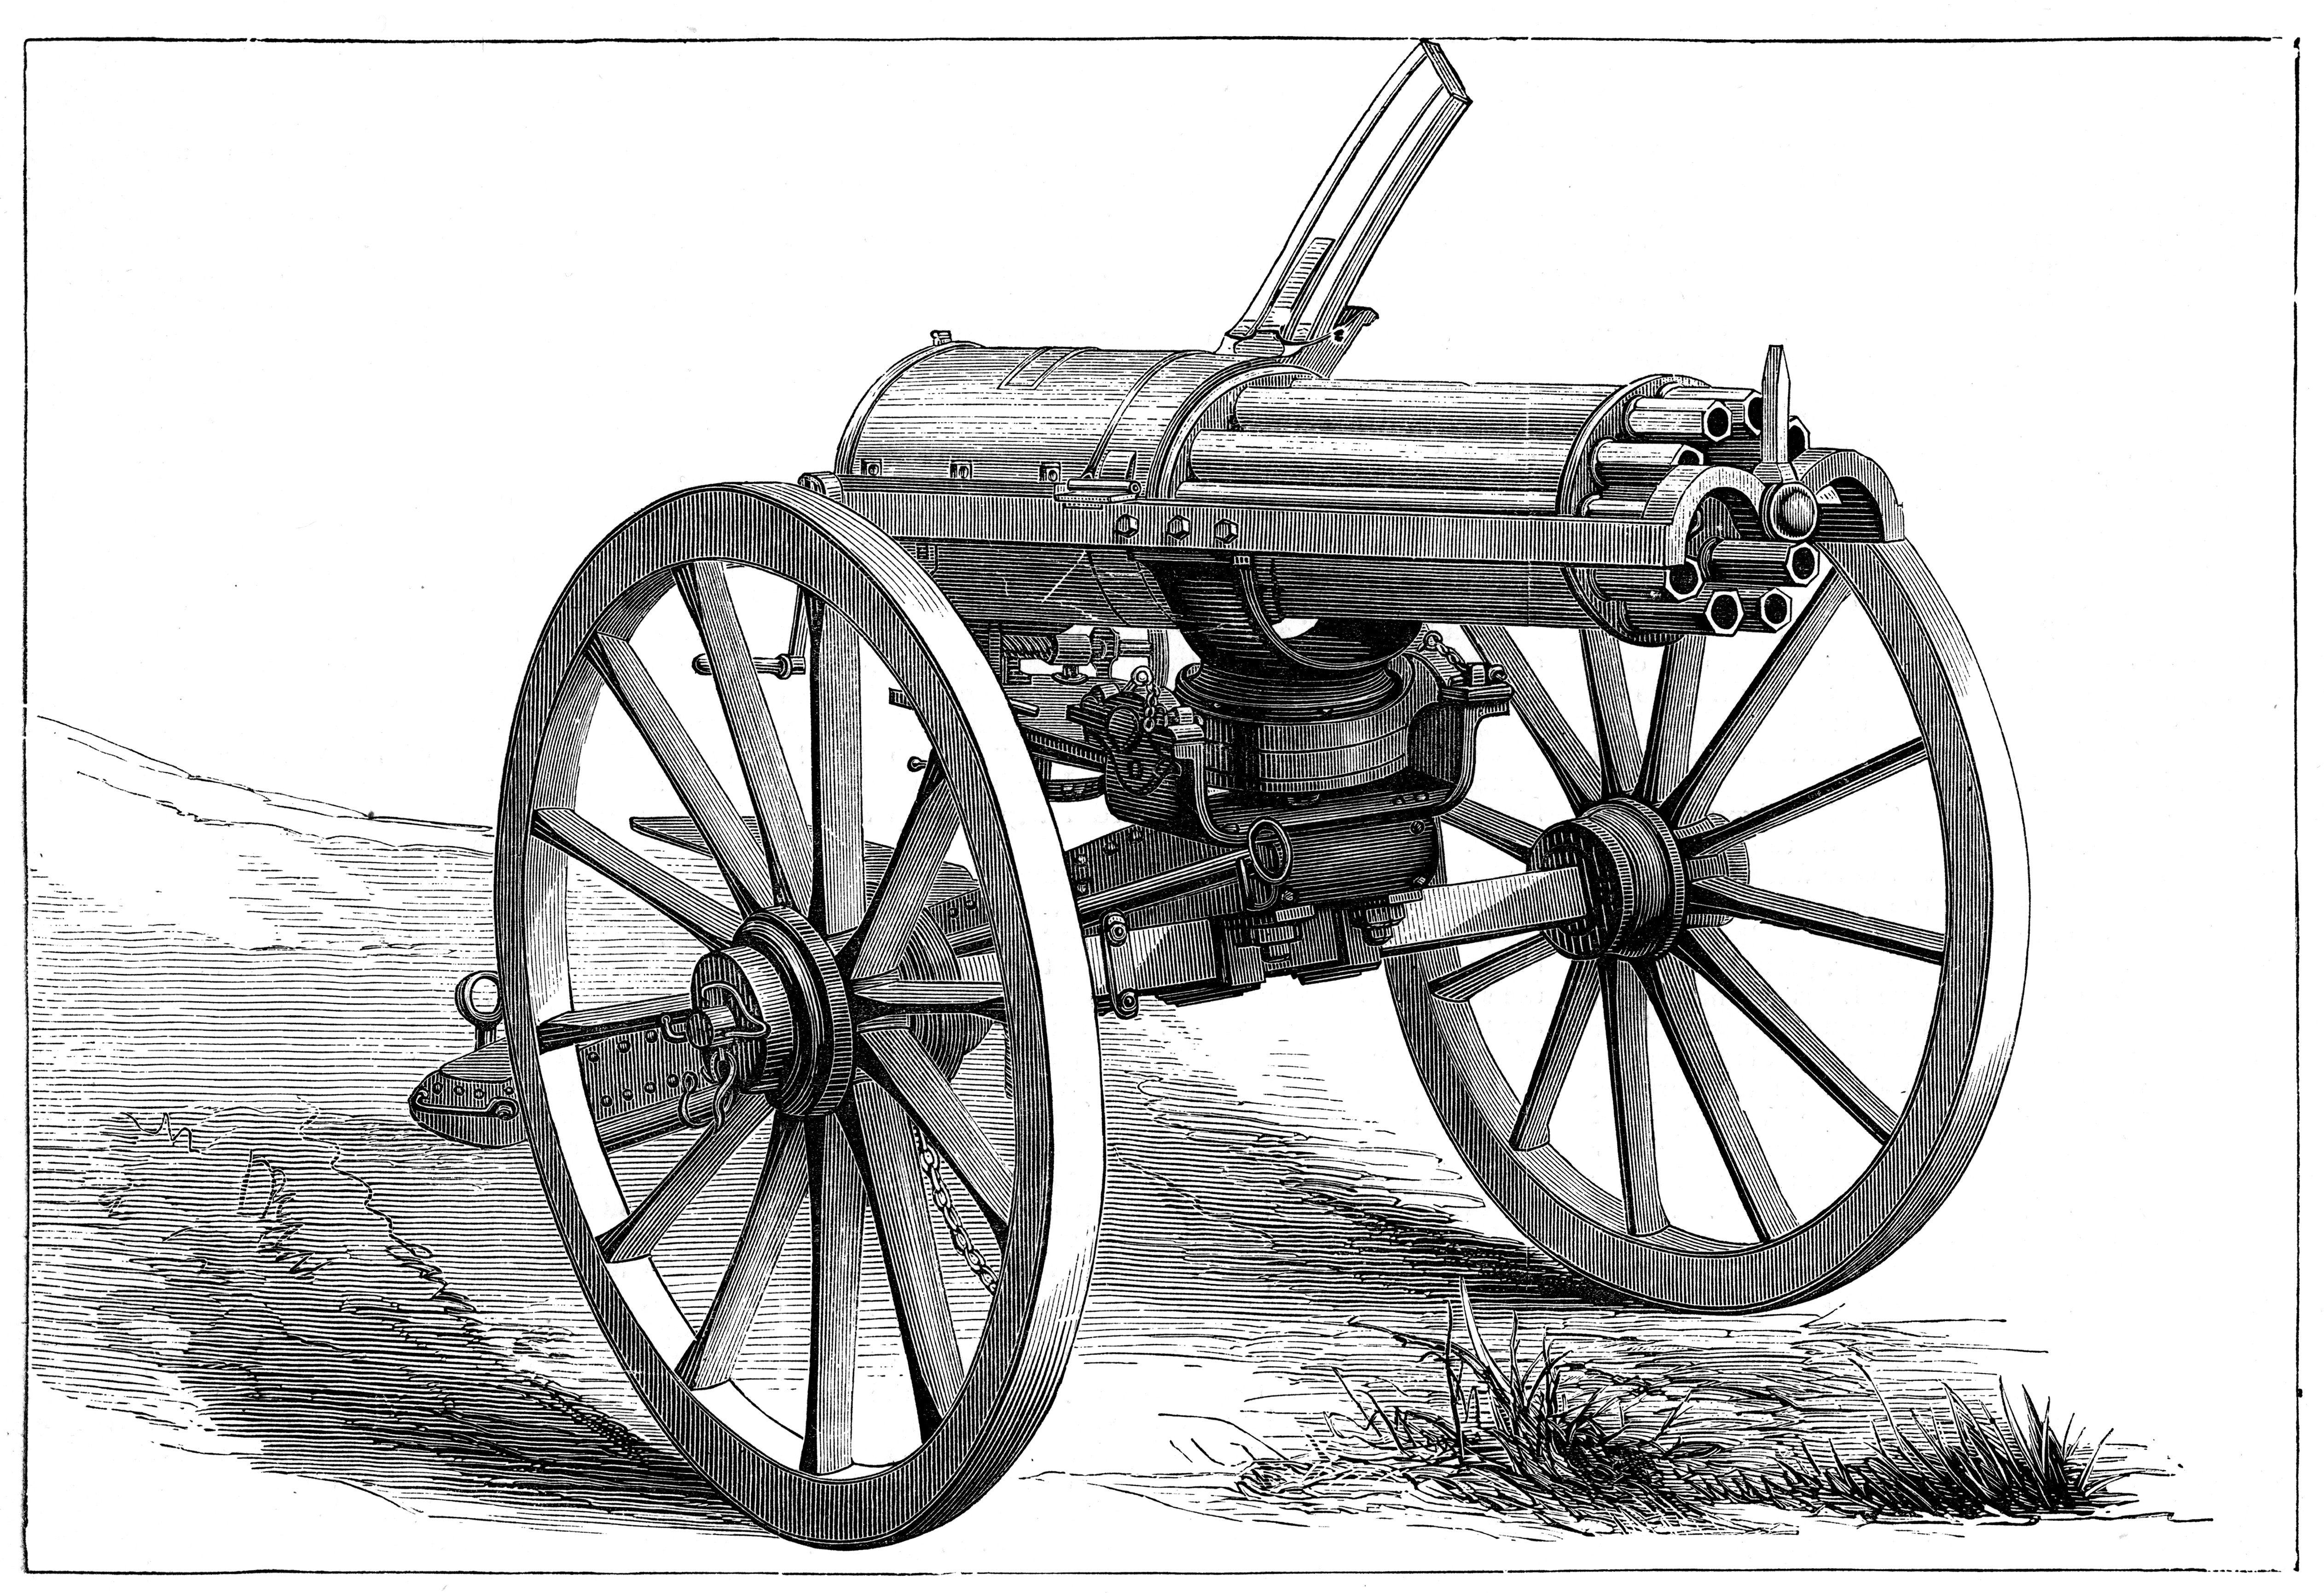 Gatling rapid fire gun, 1870. Artist: Anon